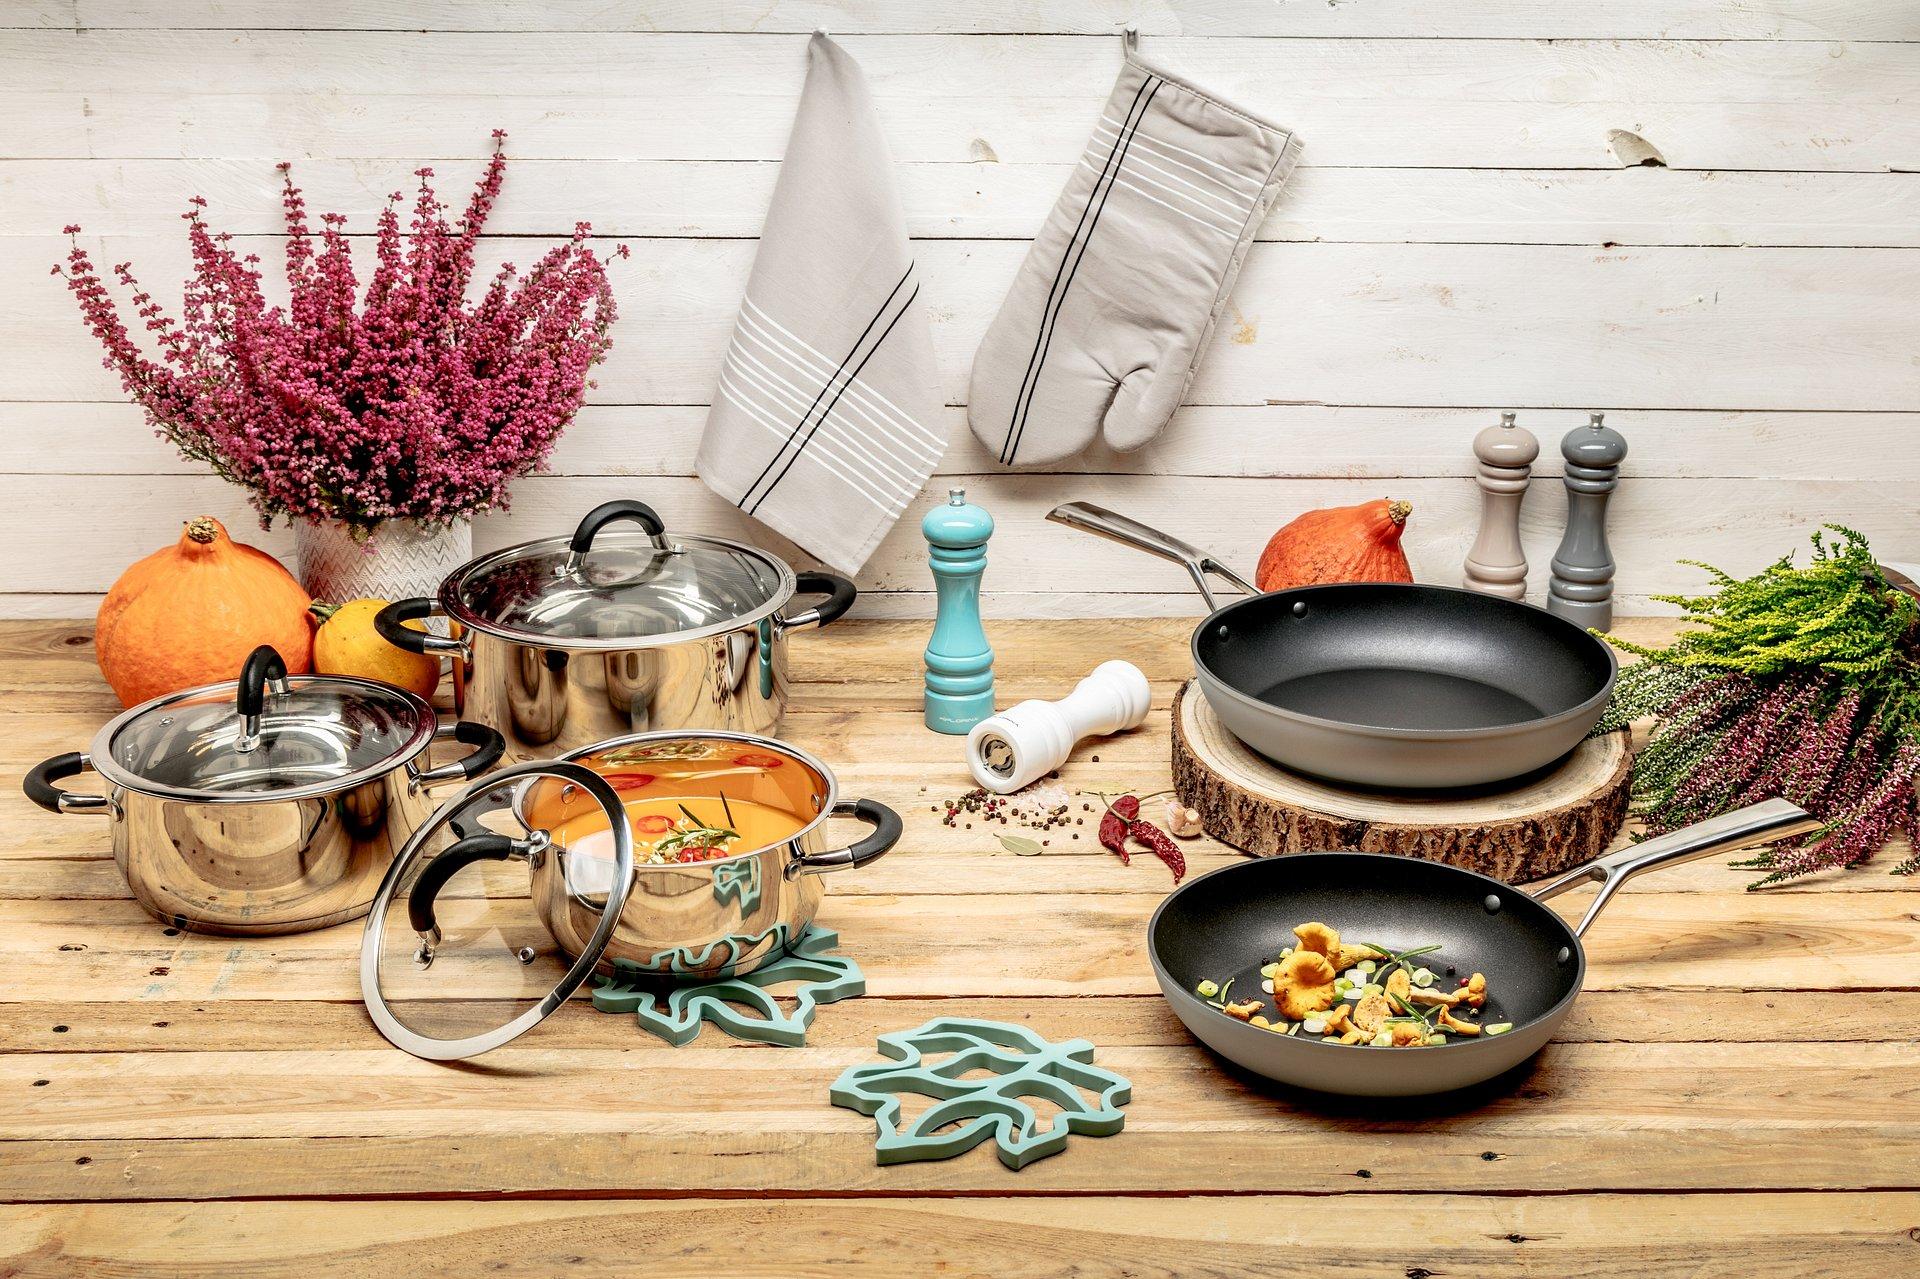 Modnie urządzona kuchnia: aranżacja krok po kroku